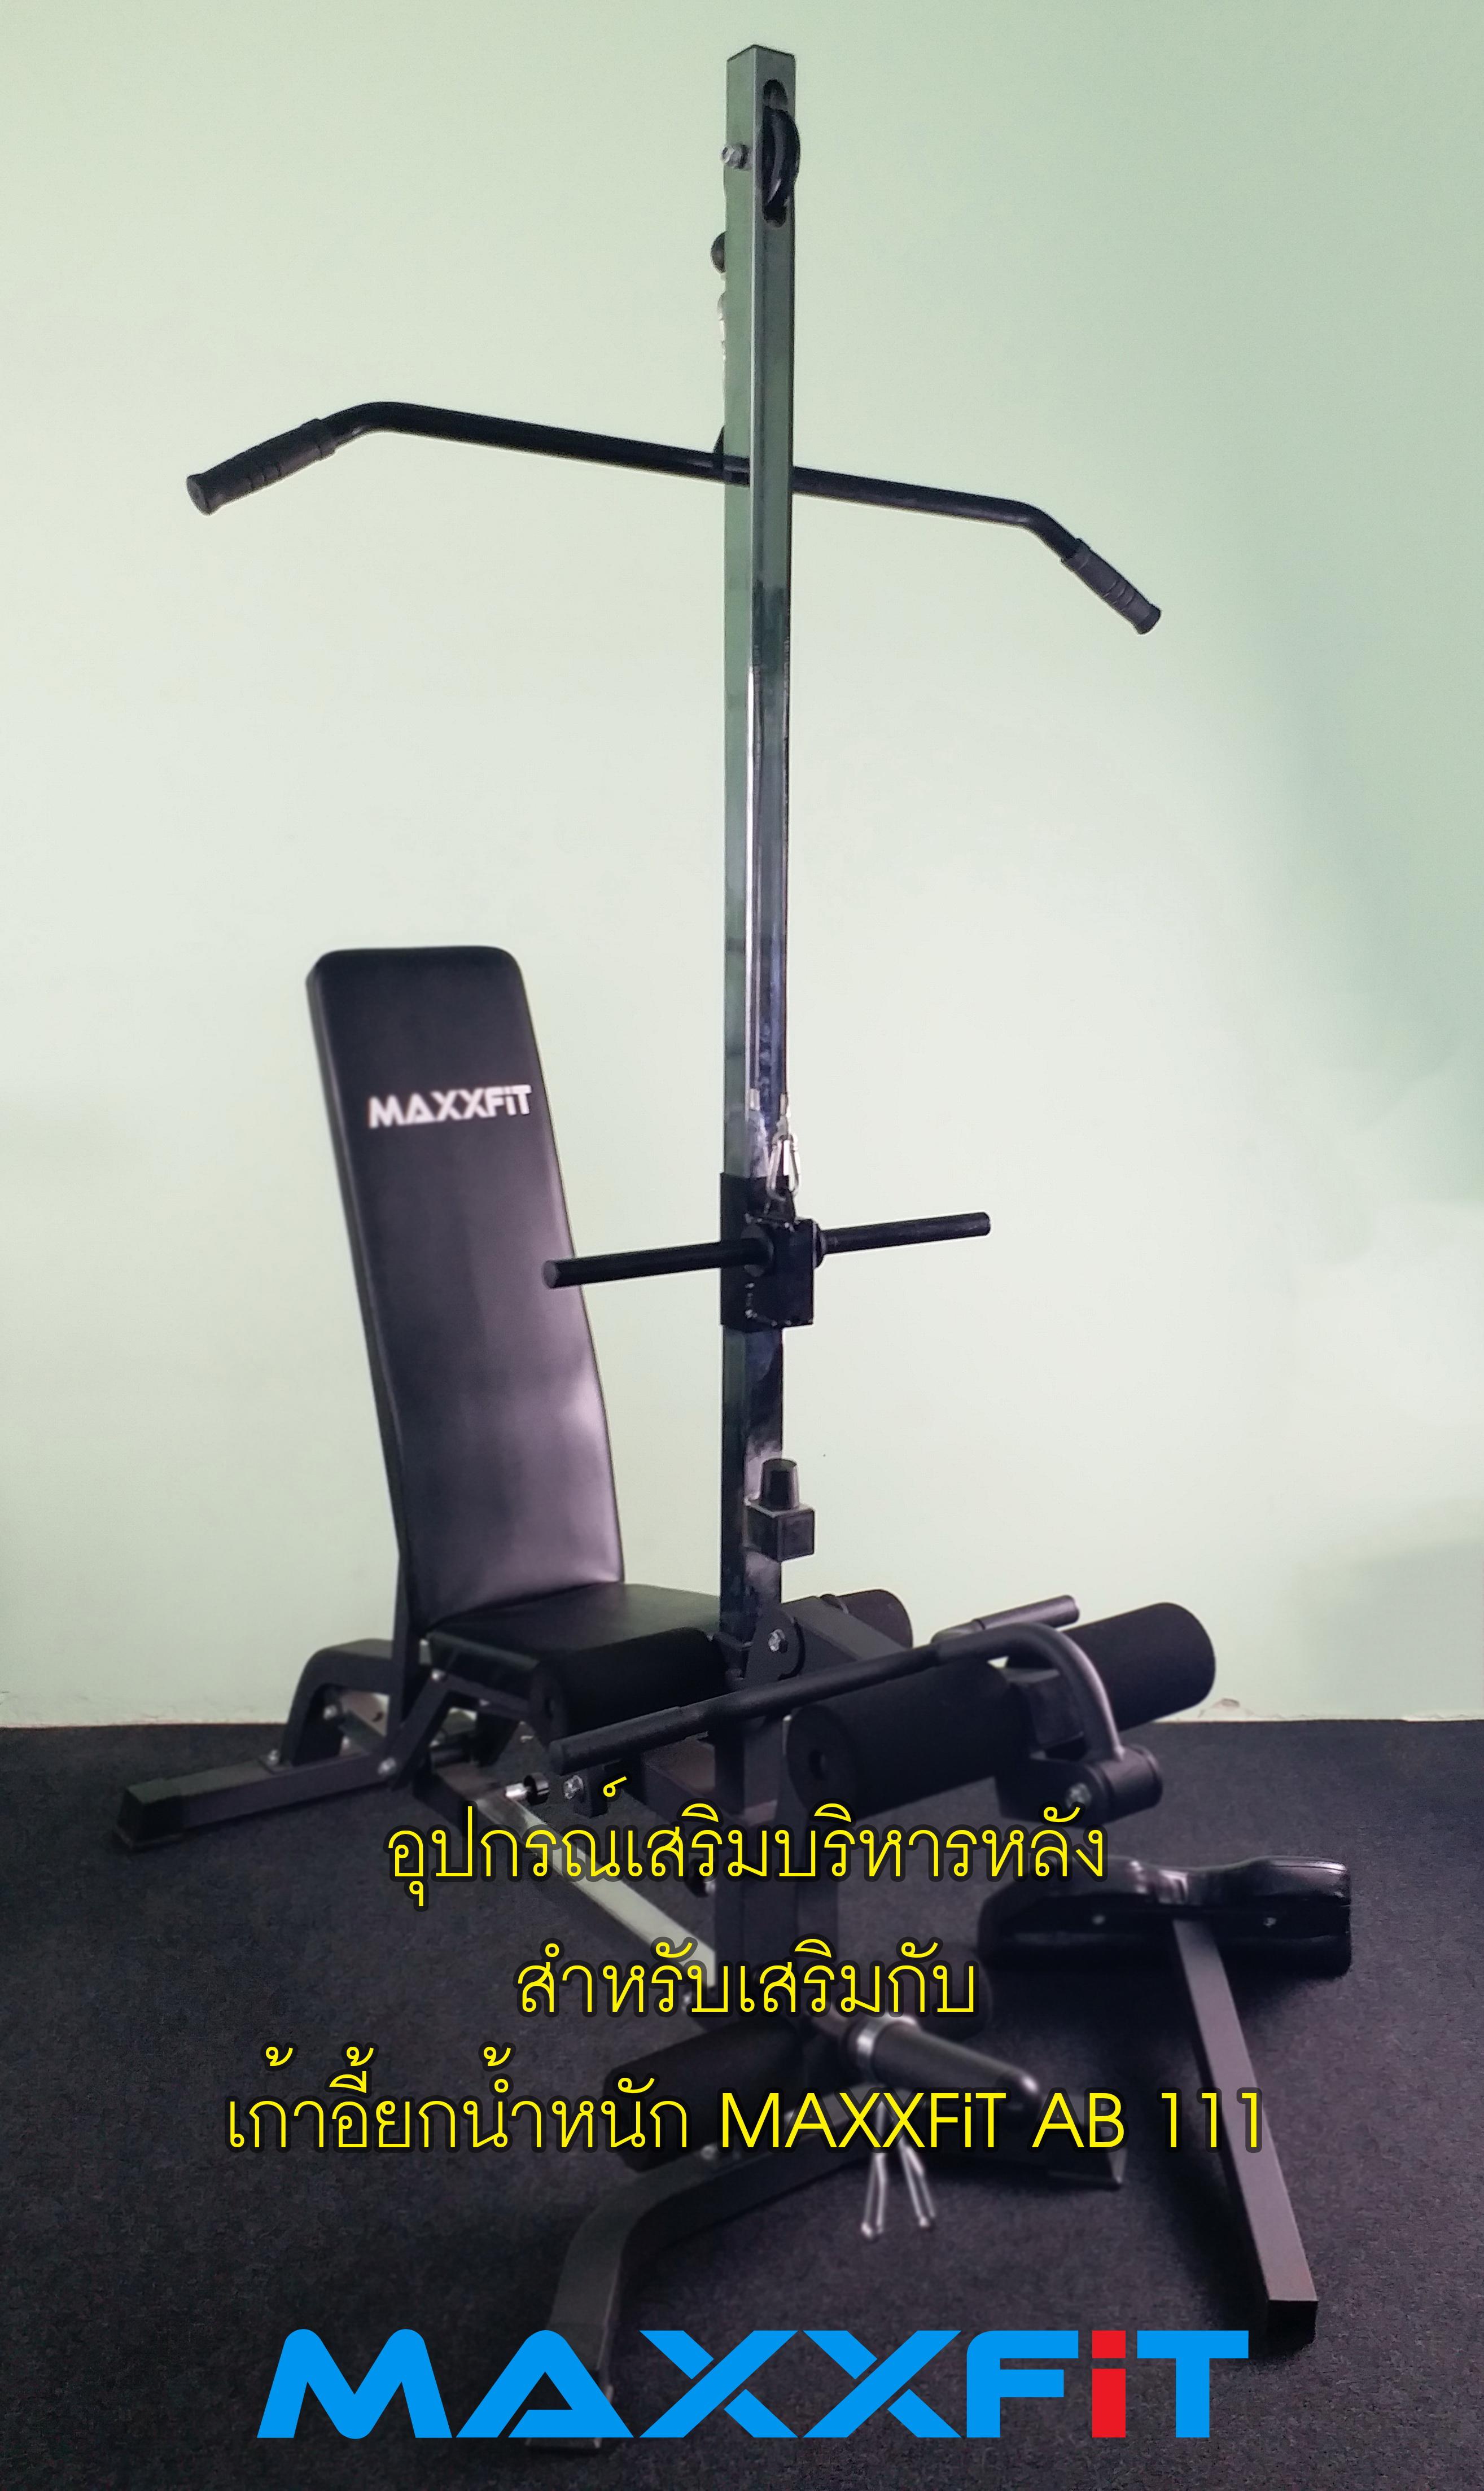 ขาย อุปกรณ์เสริมบริหารหลัง สำหรับเสริมกับเก้าอี้ยกน้ำหนัก MAXXFiT AB 111